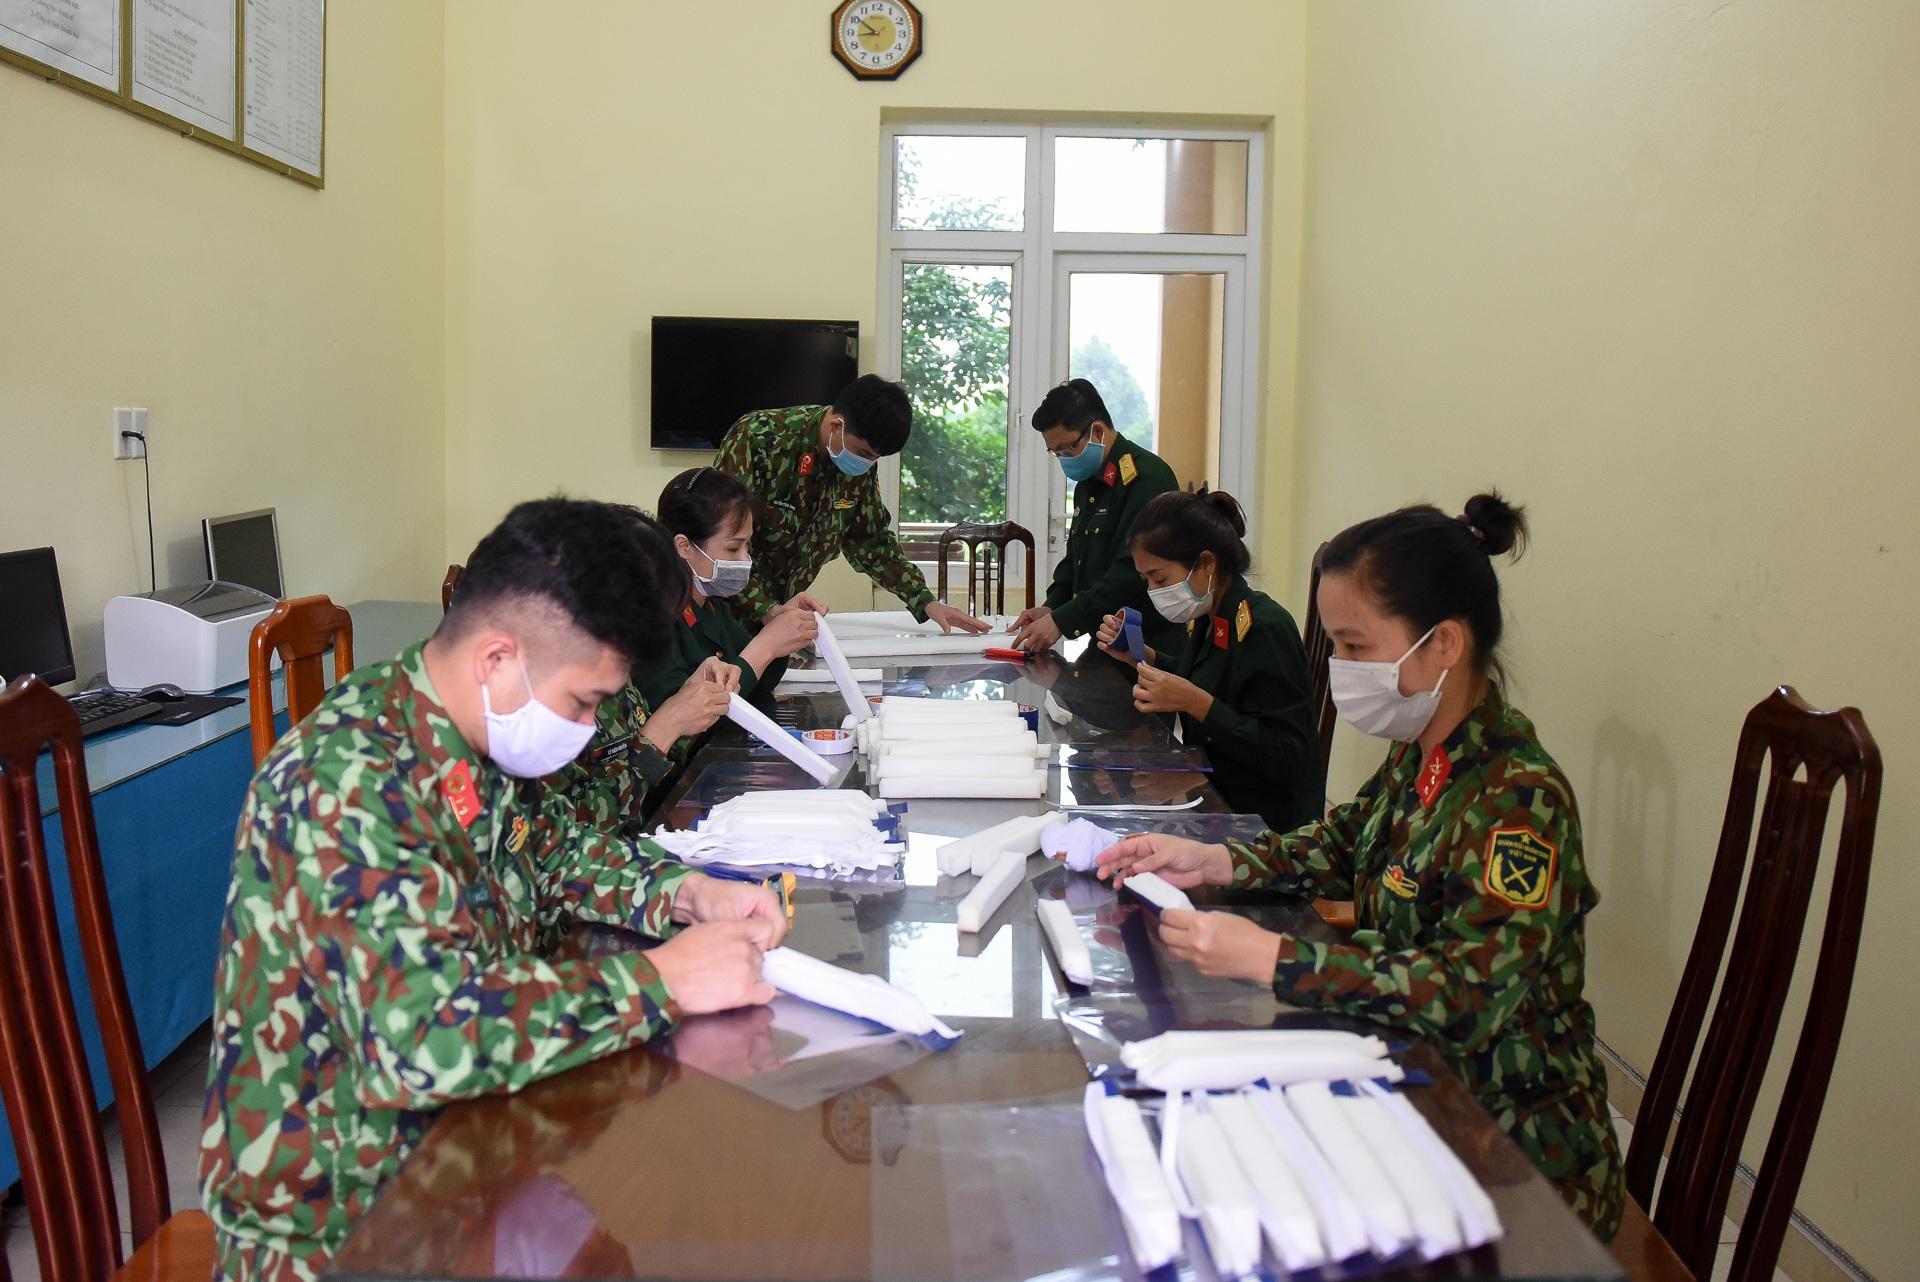 Mặt nạ bảo hộ tự chế phòng Covid-19 chỉ 5.000 đồng của chiến sĩ bộ đội - 2